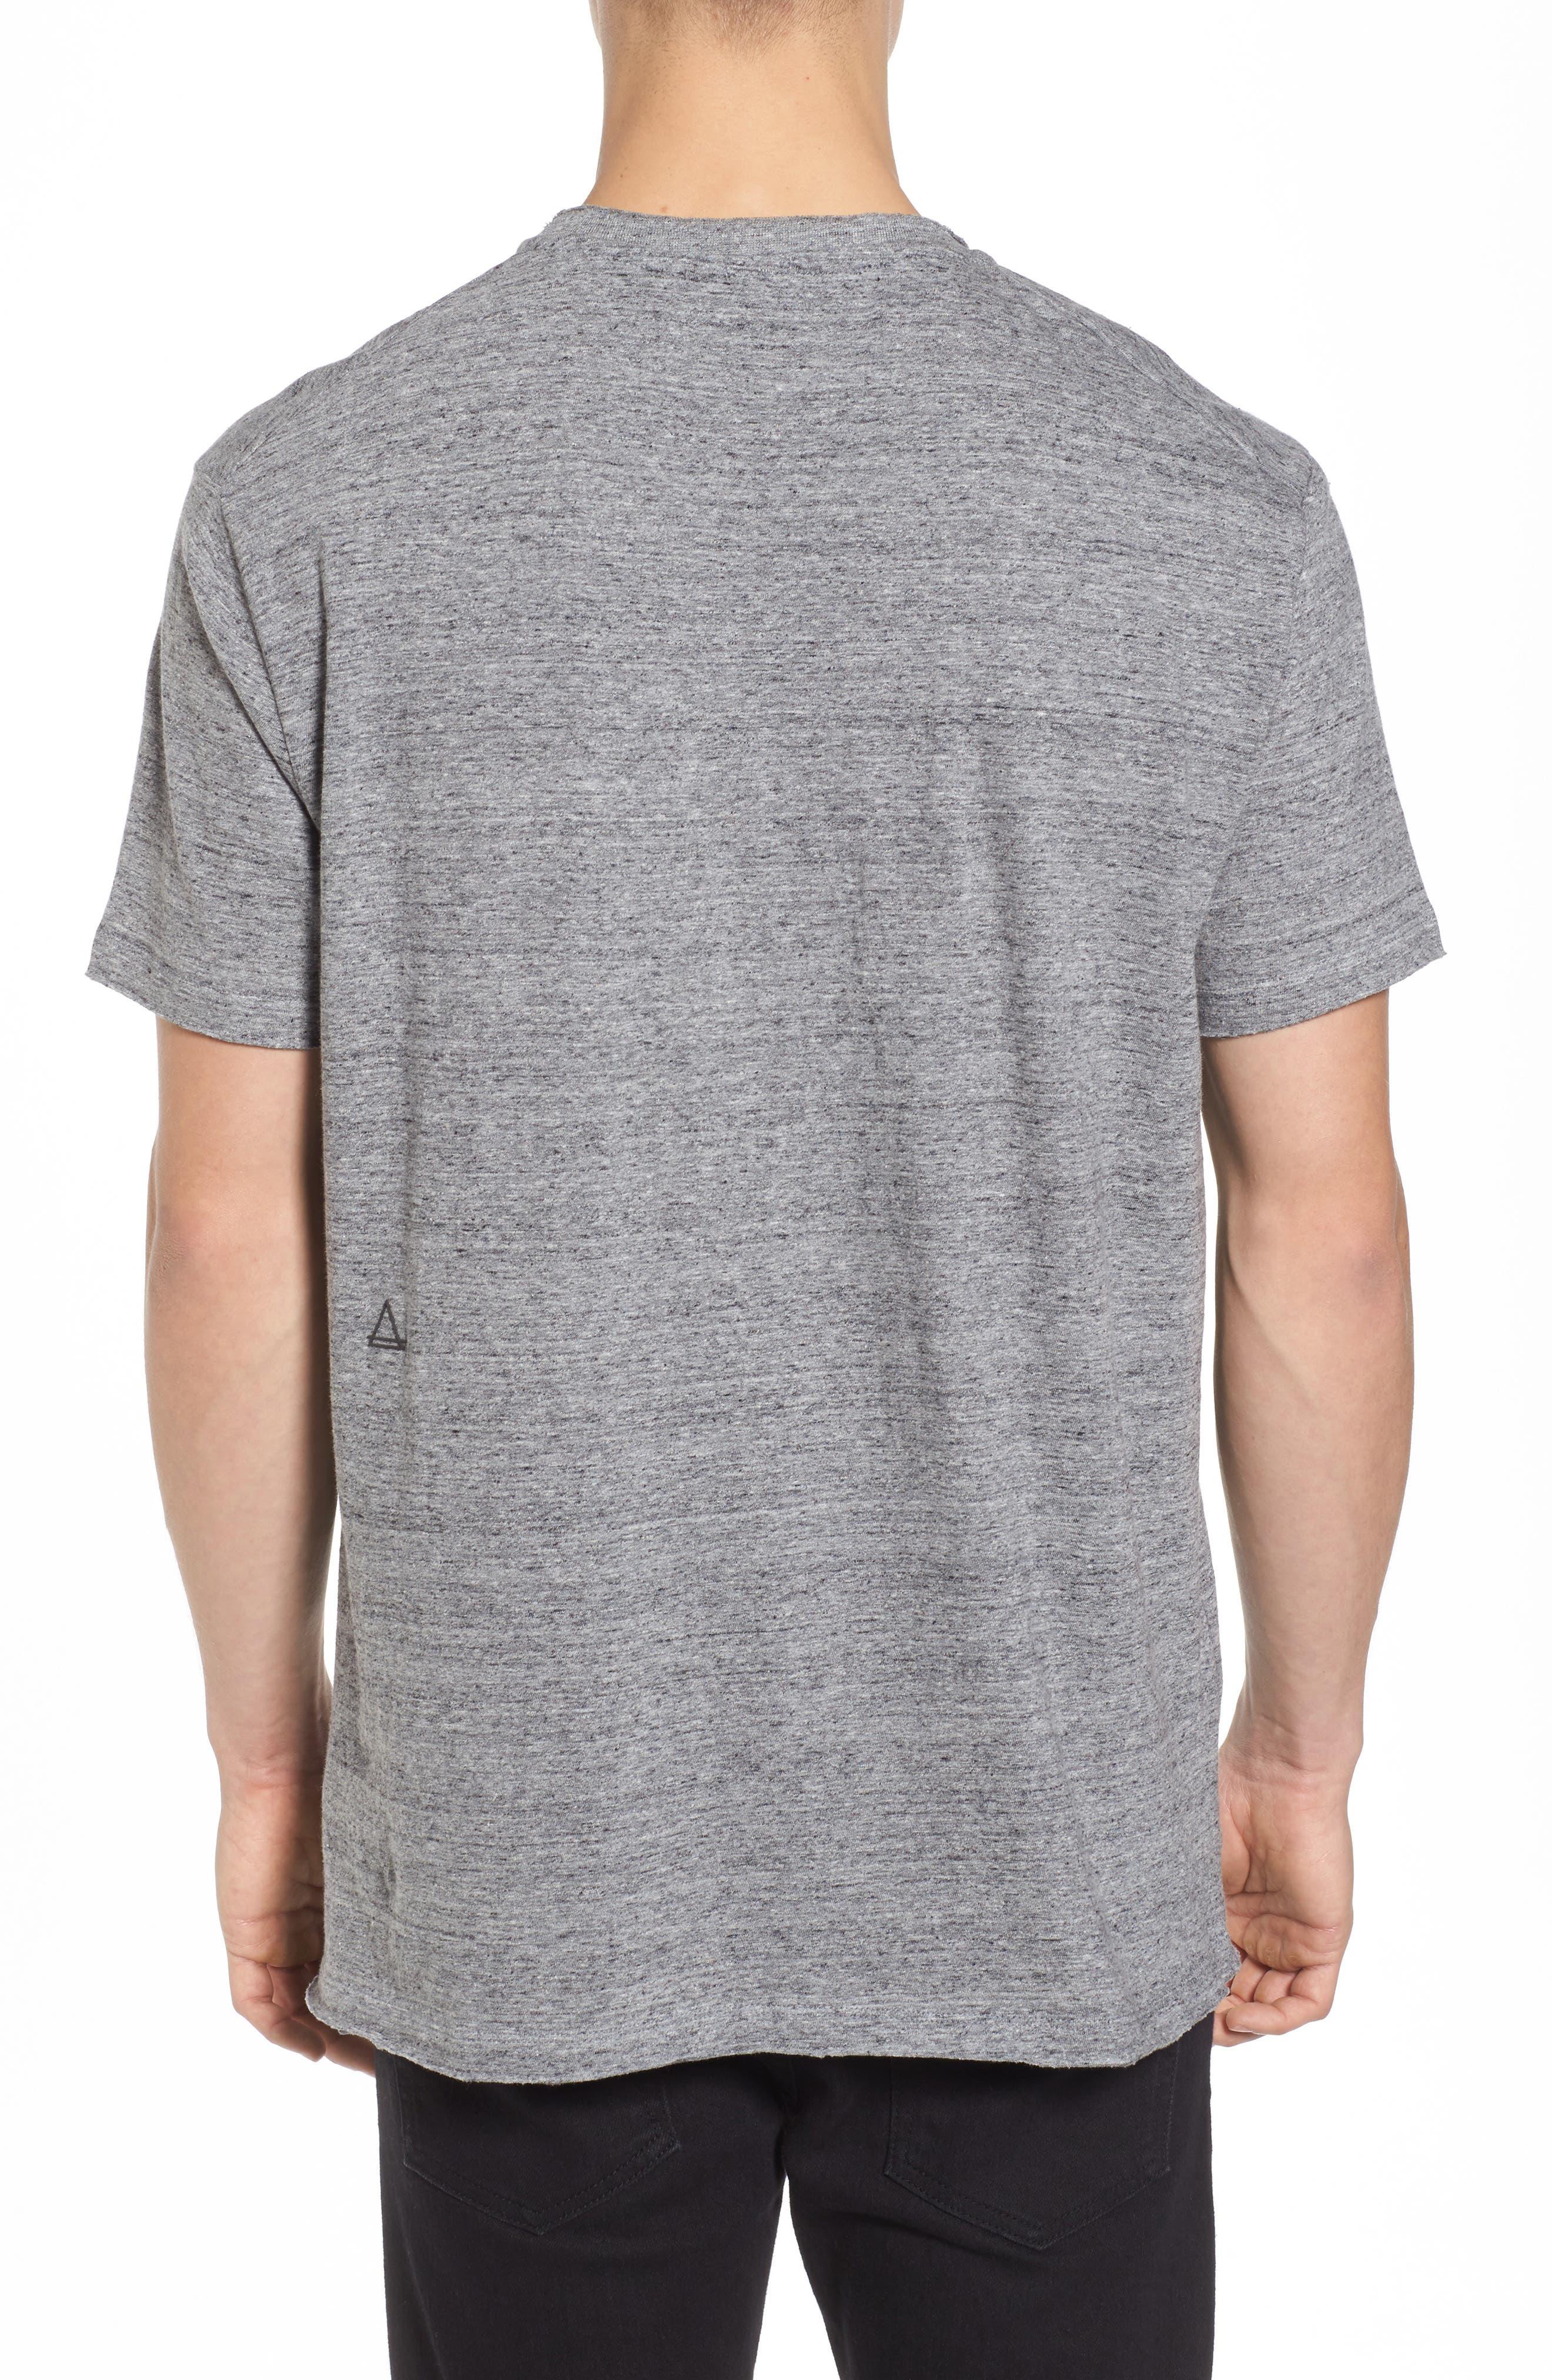 Noght T-Shirt,                             Alternate thumbnail 4, color,